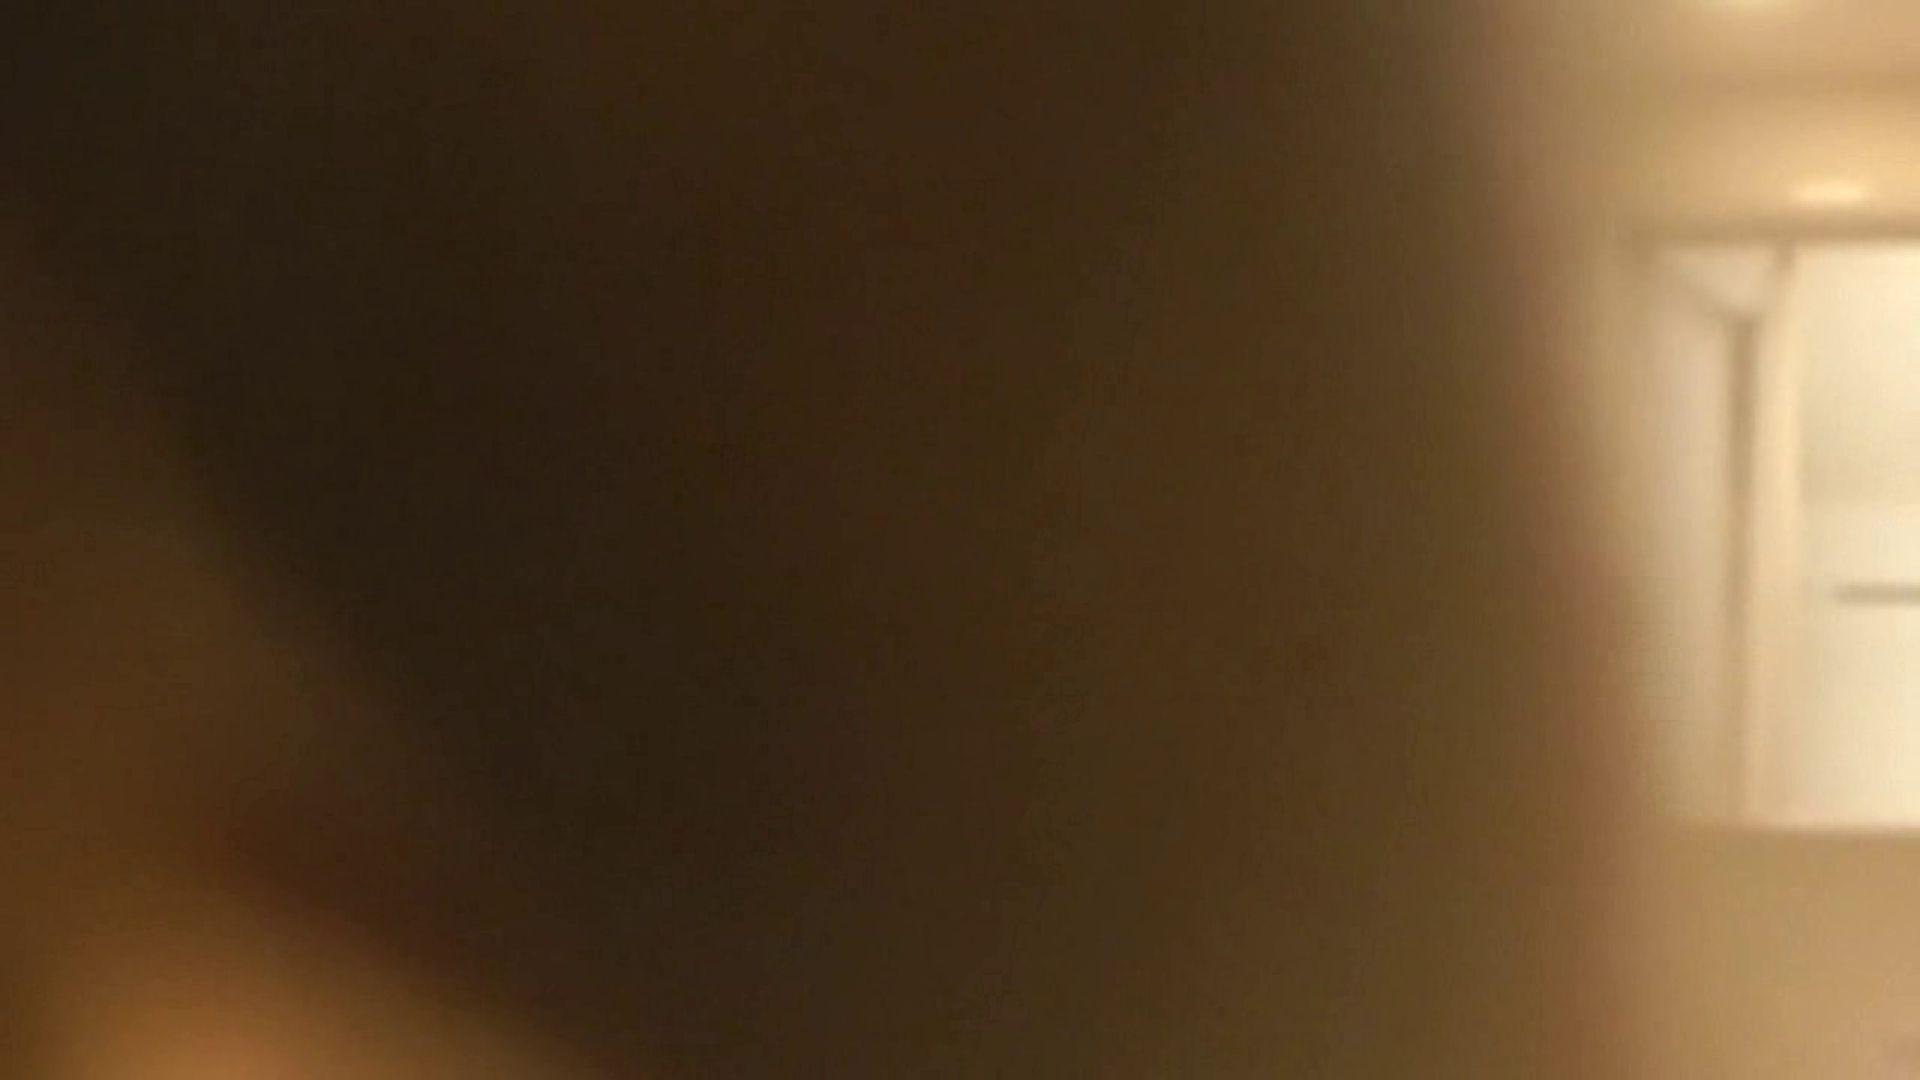 vol.1 Mayumi 窓越しに入浴シーン撮影に成功 OL   入浴シーン  89連発 66